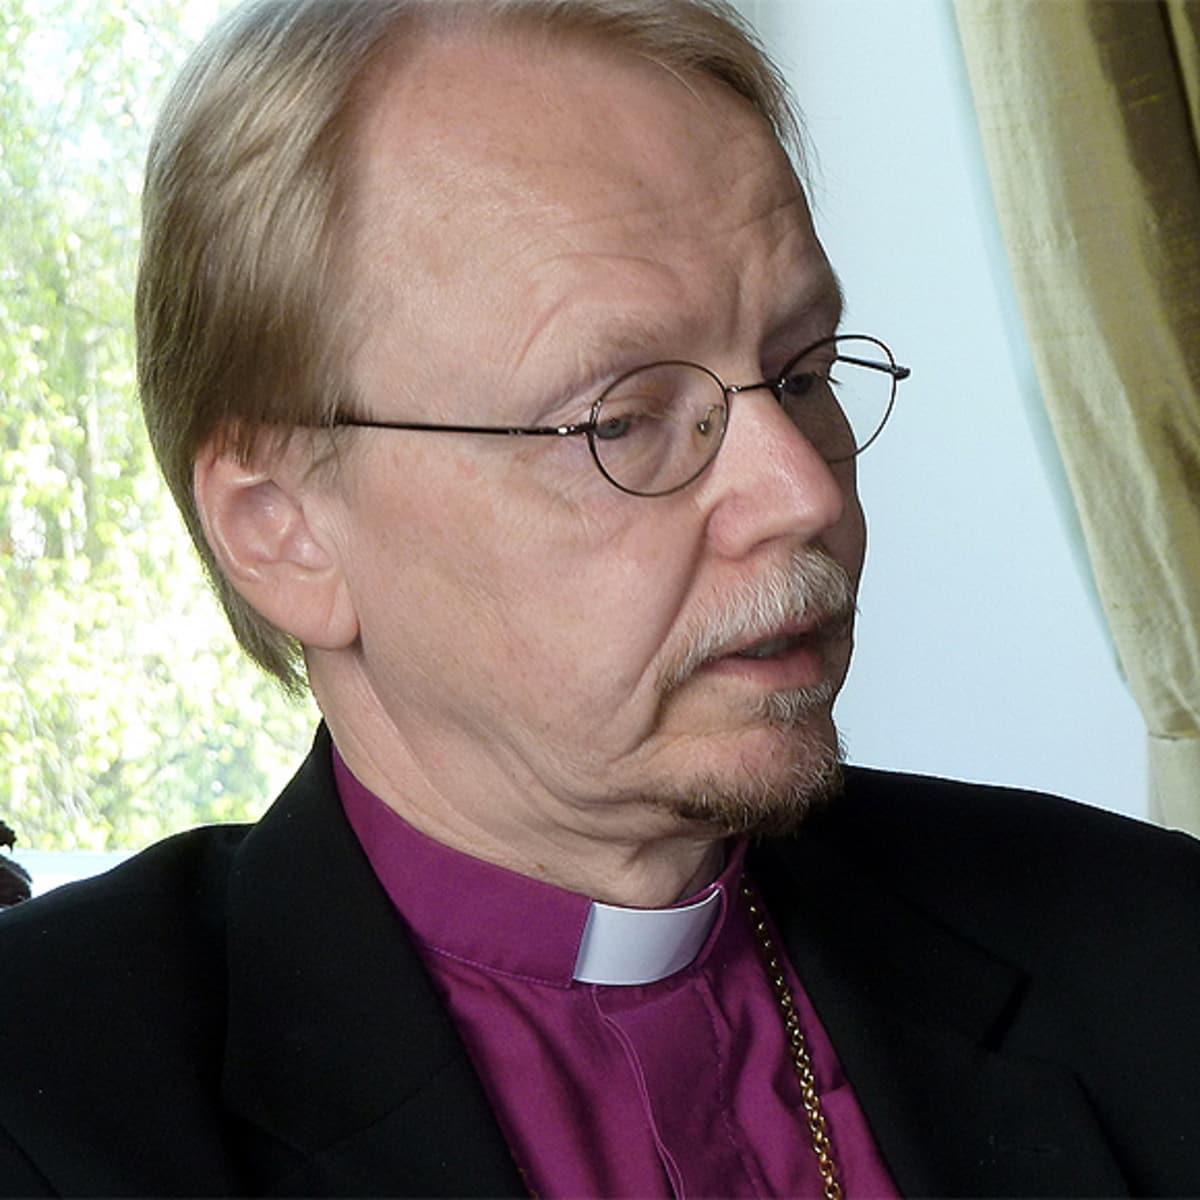 Arkkipiispa kiistää ottaneensa kantaa tasa-arvoiseen avioliittolakiin | Yle Uutiset | yle.fi